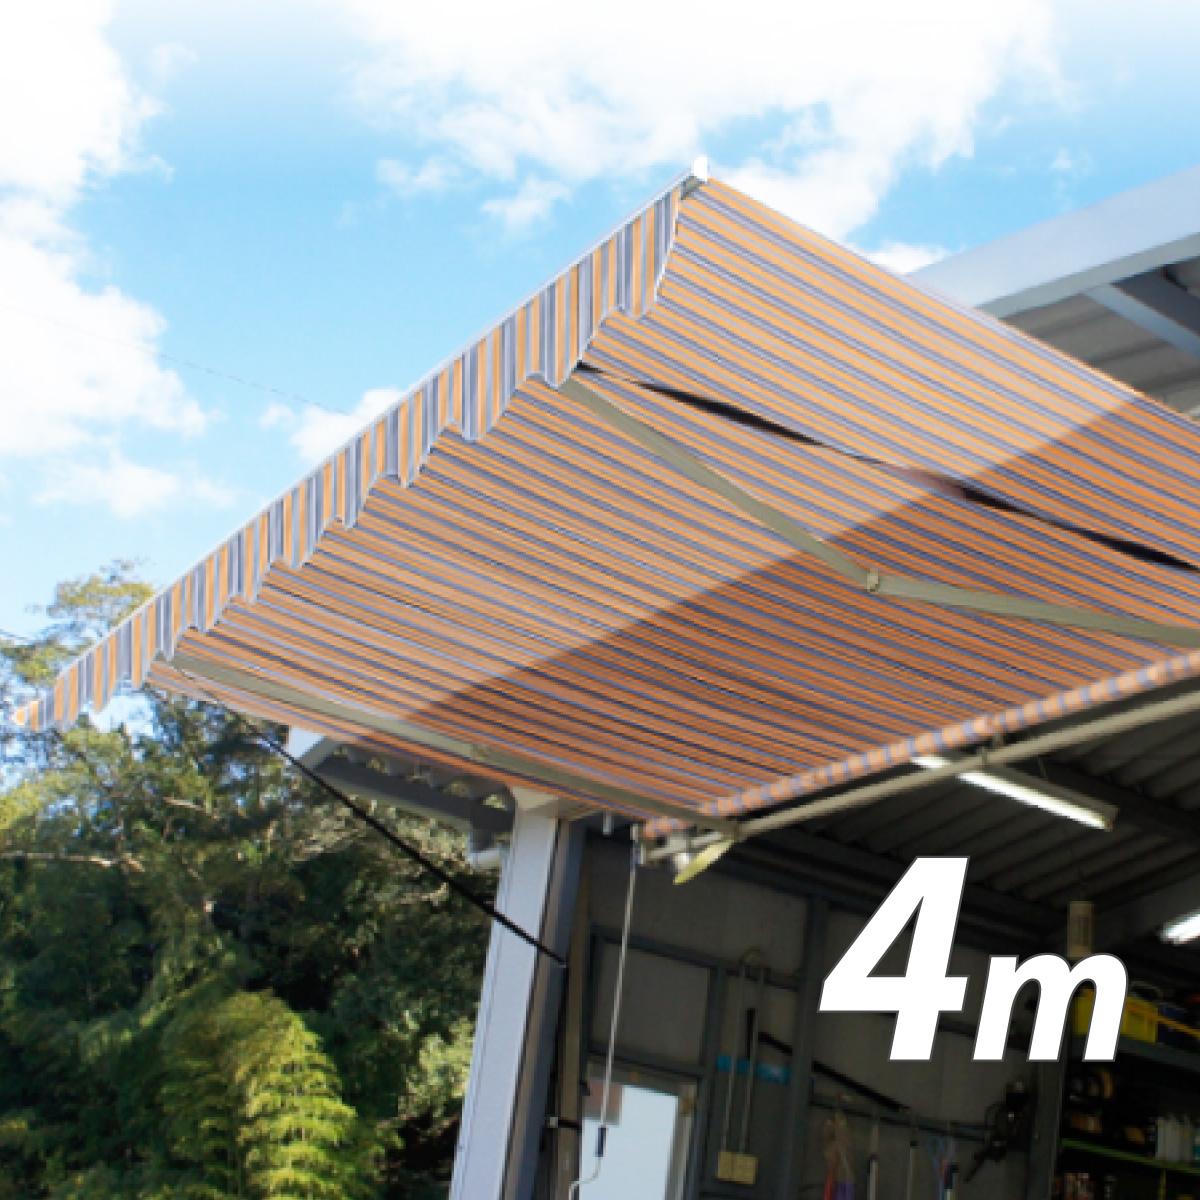 オーニングテント 幅4m×張出2.5m 黄/イエローストライプ 白フレーム 折り畳み 伸縮 巻き上げ式 日除けテント サンシェード ベランダ バルコニー カフェ オープンテラス 紫外線 UVカット 遮熱 断熱 エコ 簡単収納 □_71017